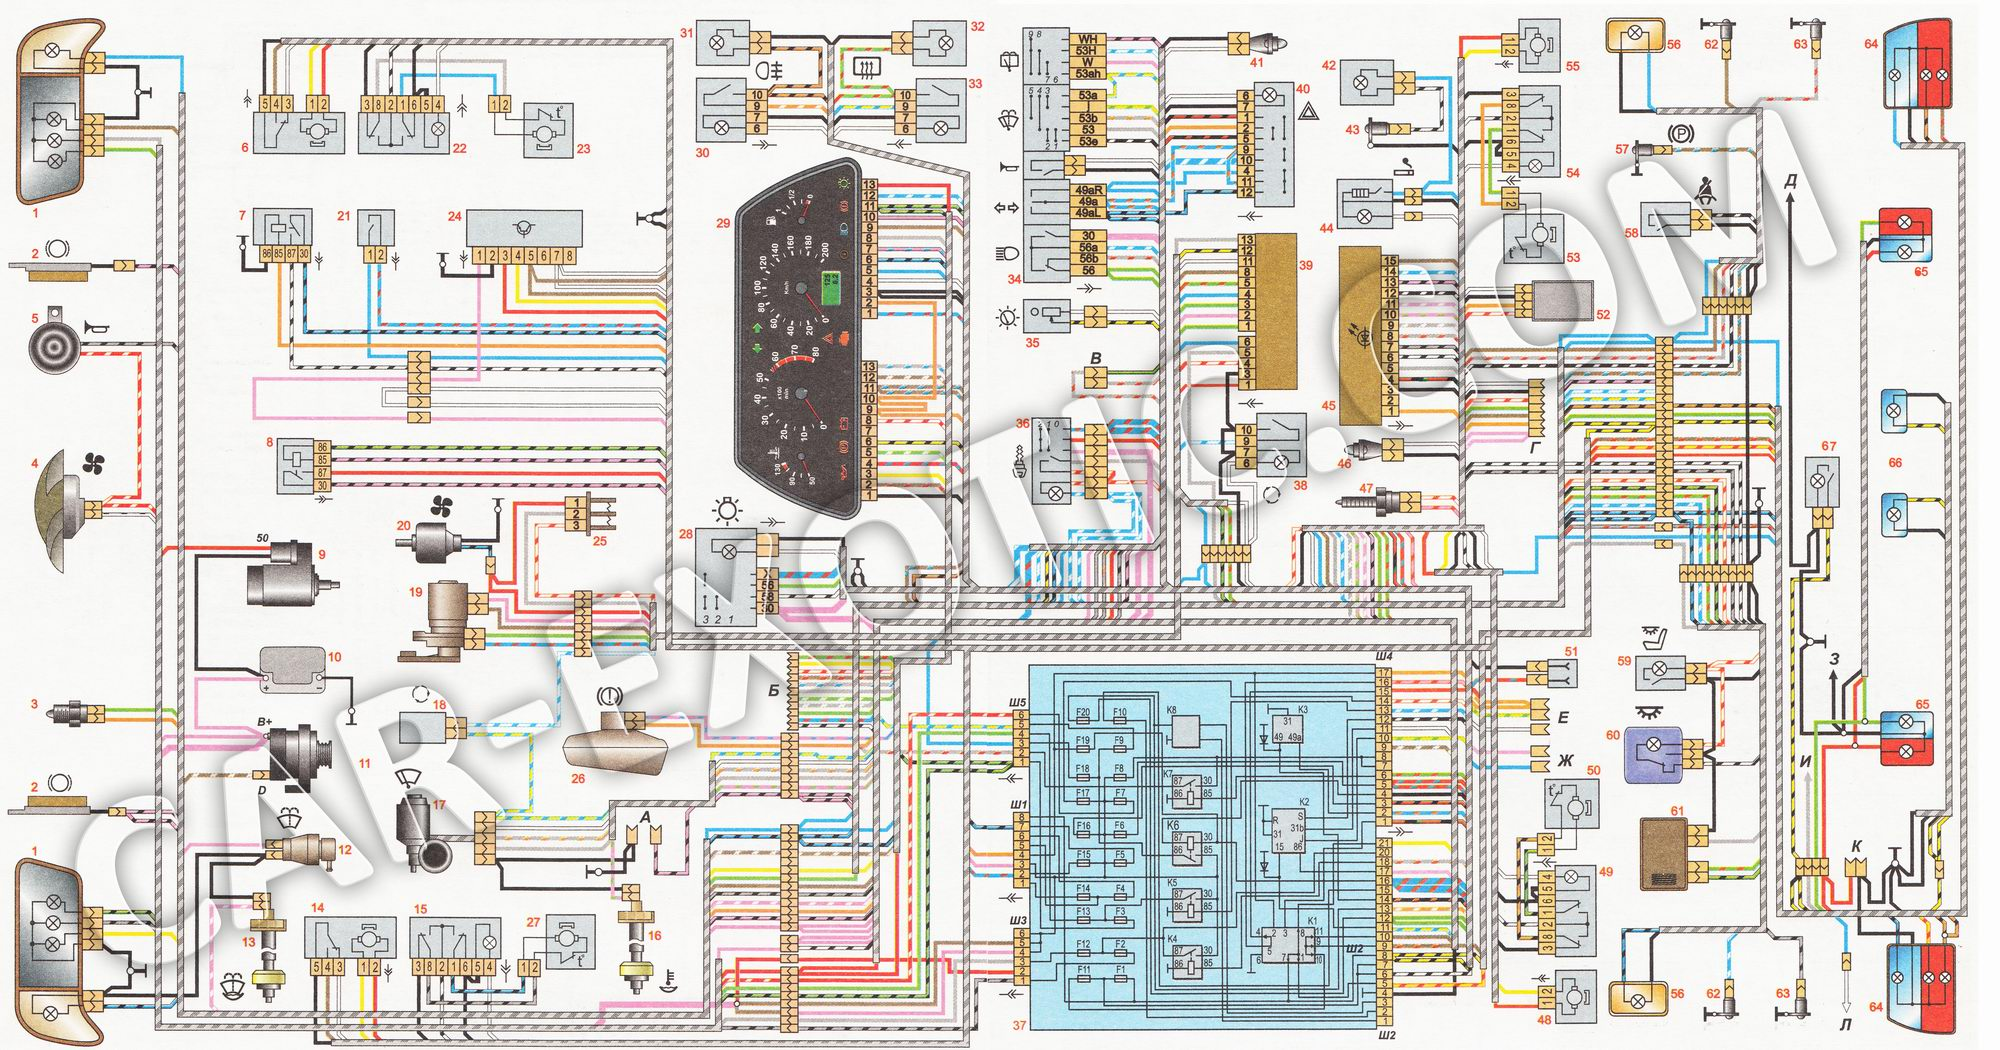 Фото №15 - неисправности электрооборудования ВАЗ 2110 инжектор